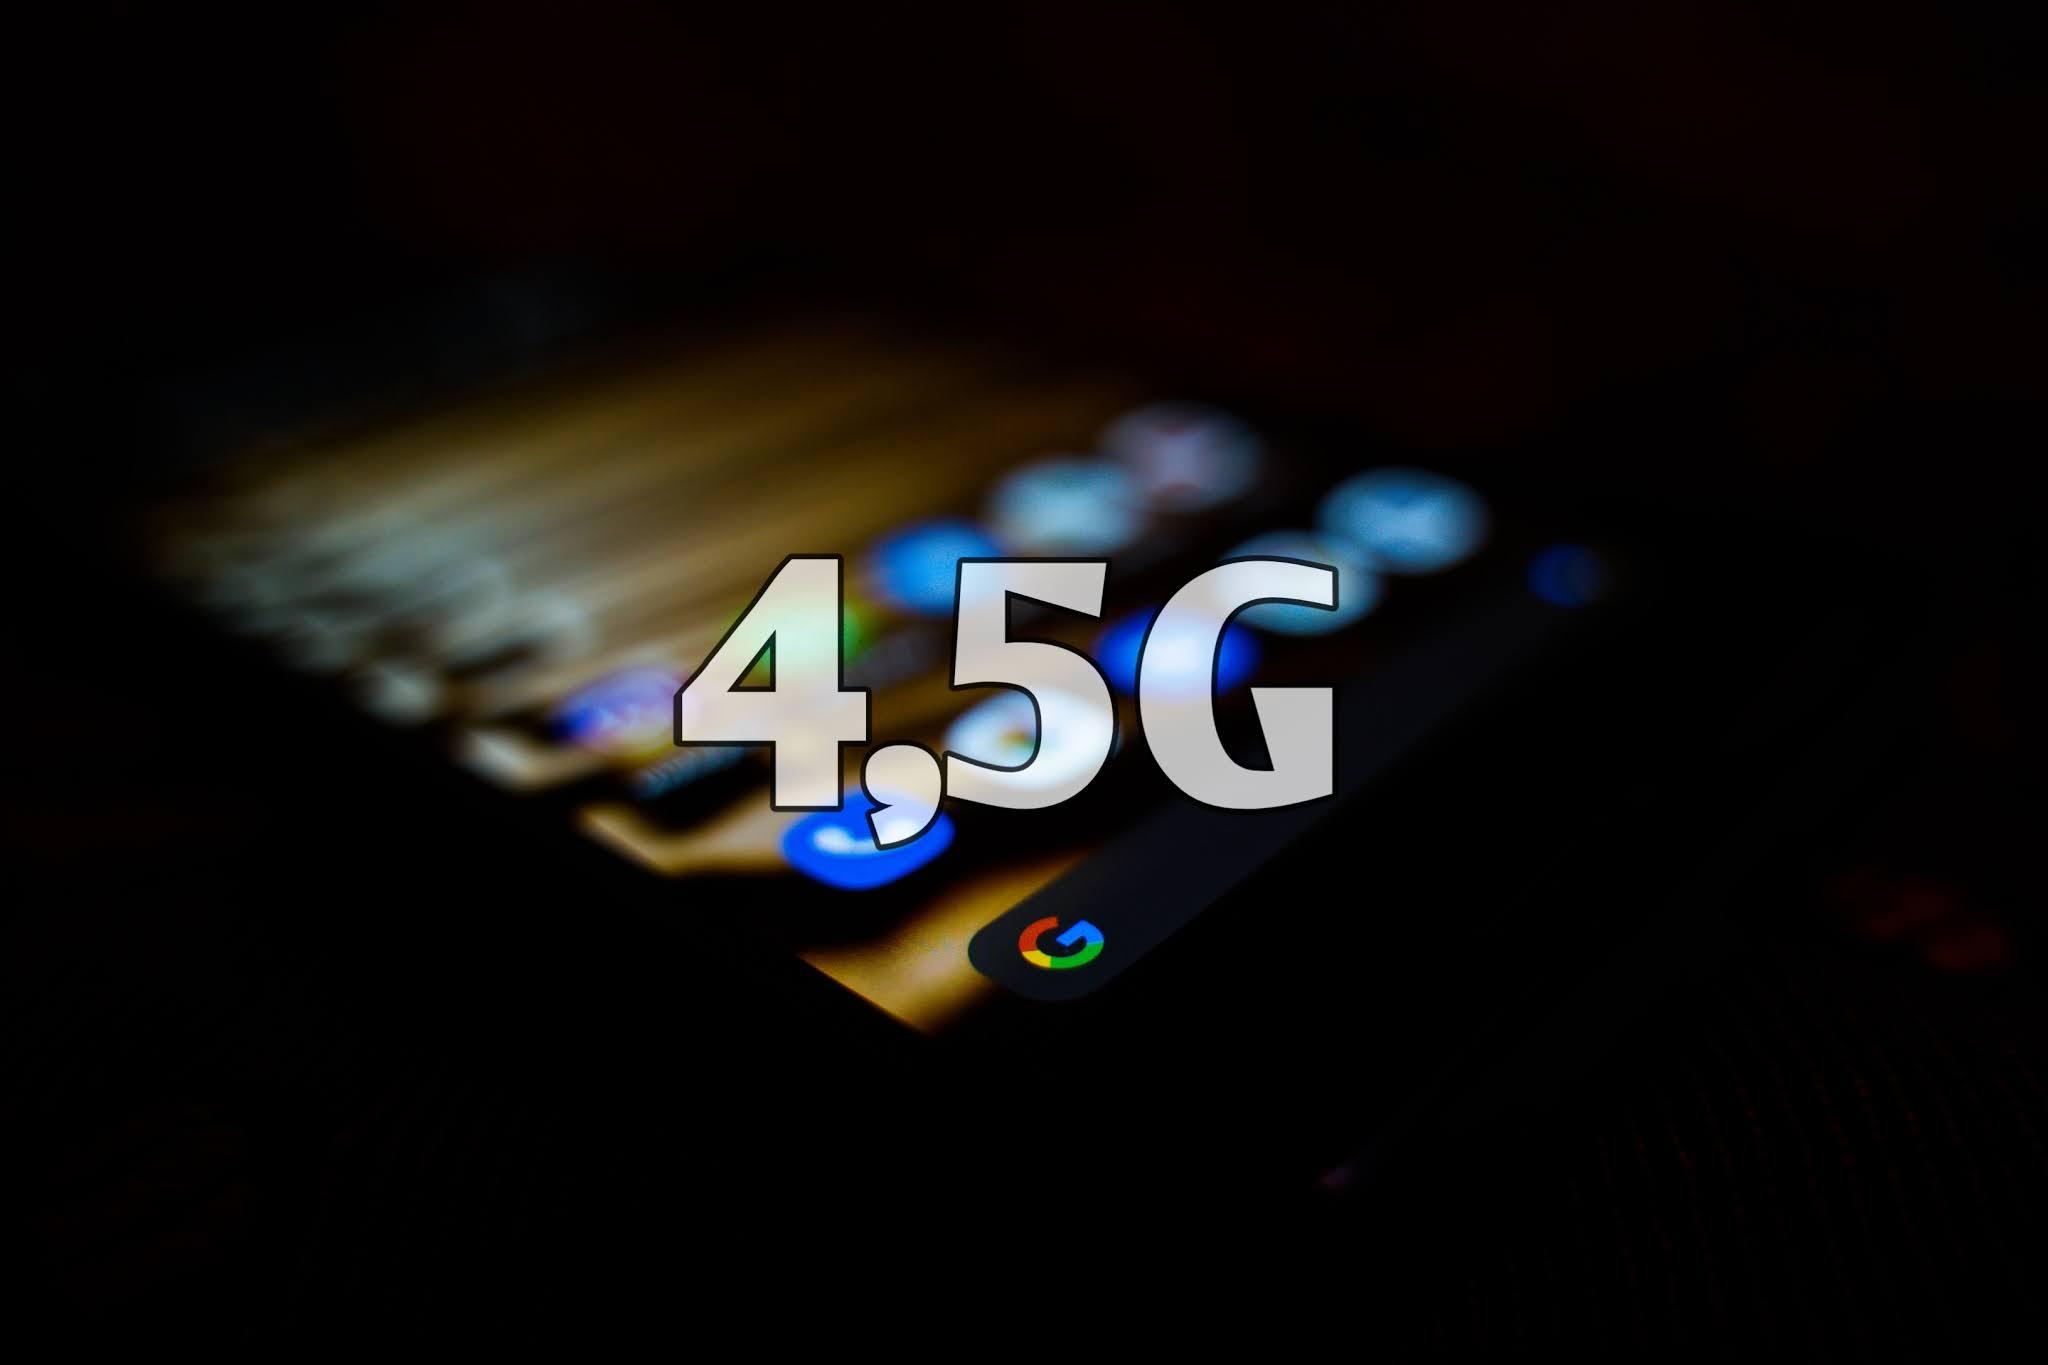 Cara mengganti jaringan 4G menjadi 4,5G di telkomsel